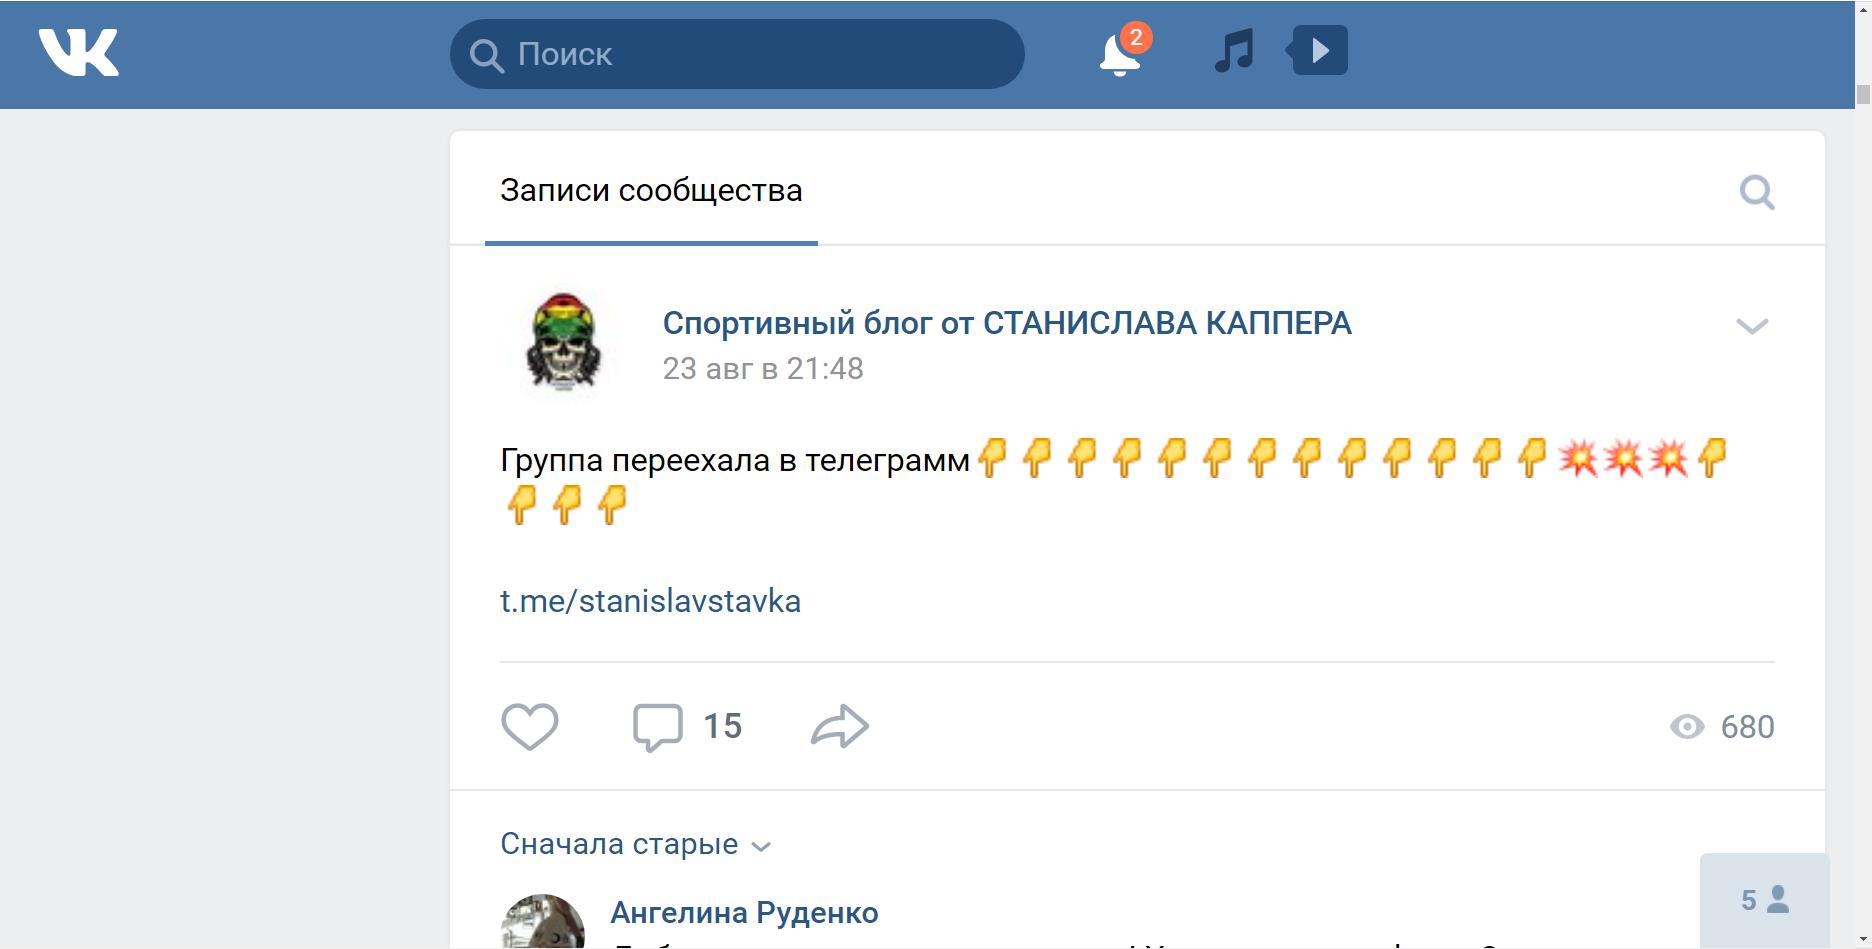 Вел свою деятельность в социальной сети «ВКонтакте»